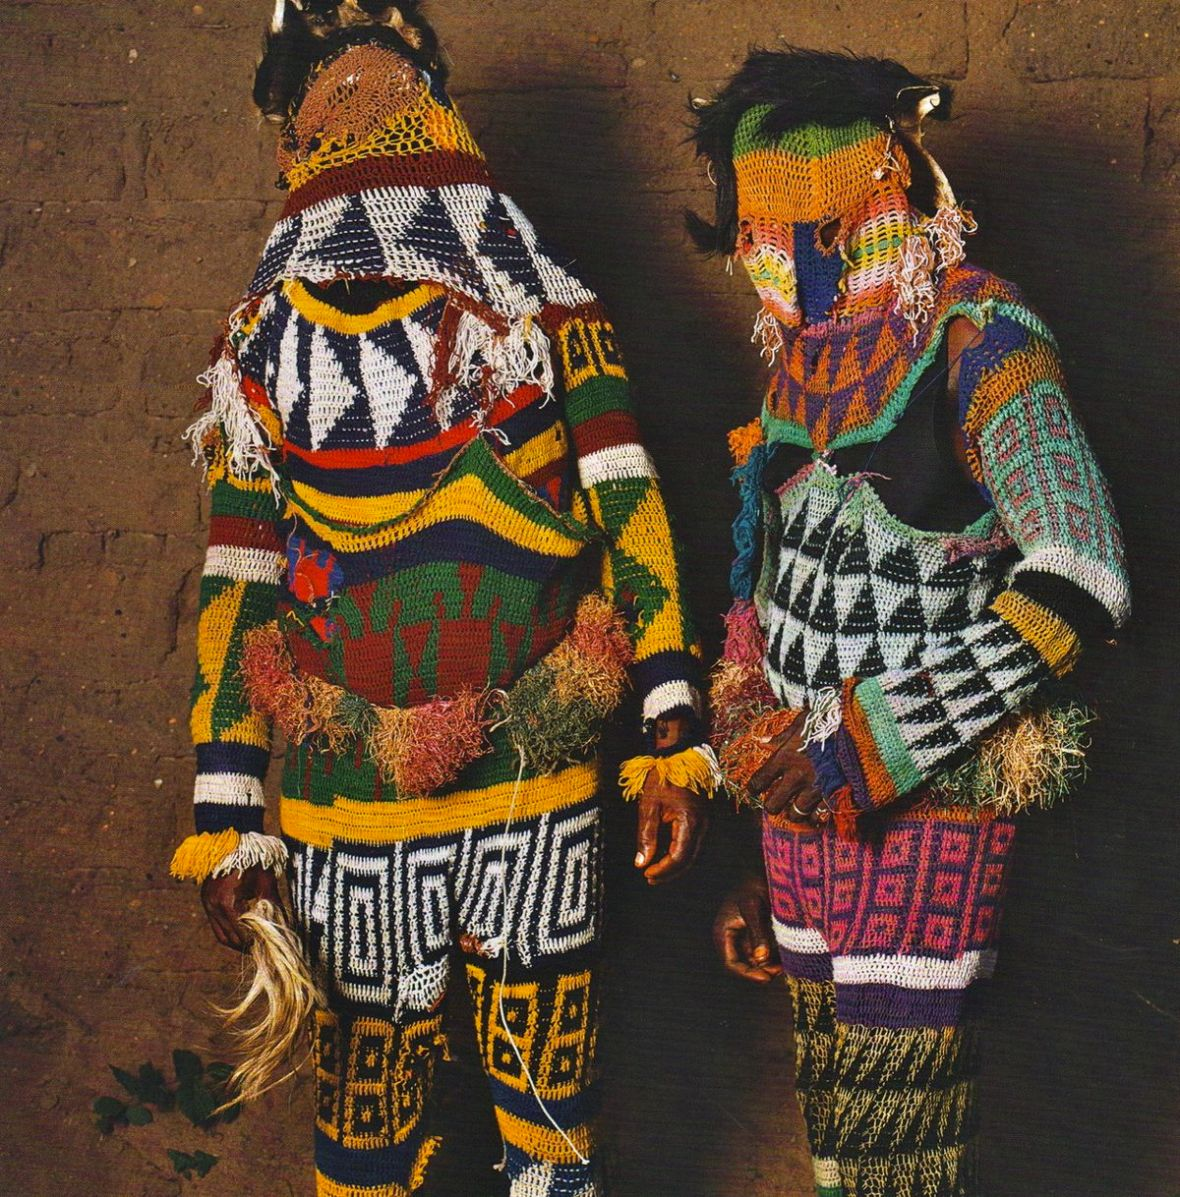 Phyllis-Galembo-photography-Maske-7